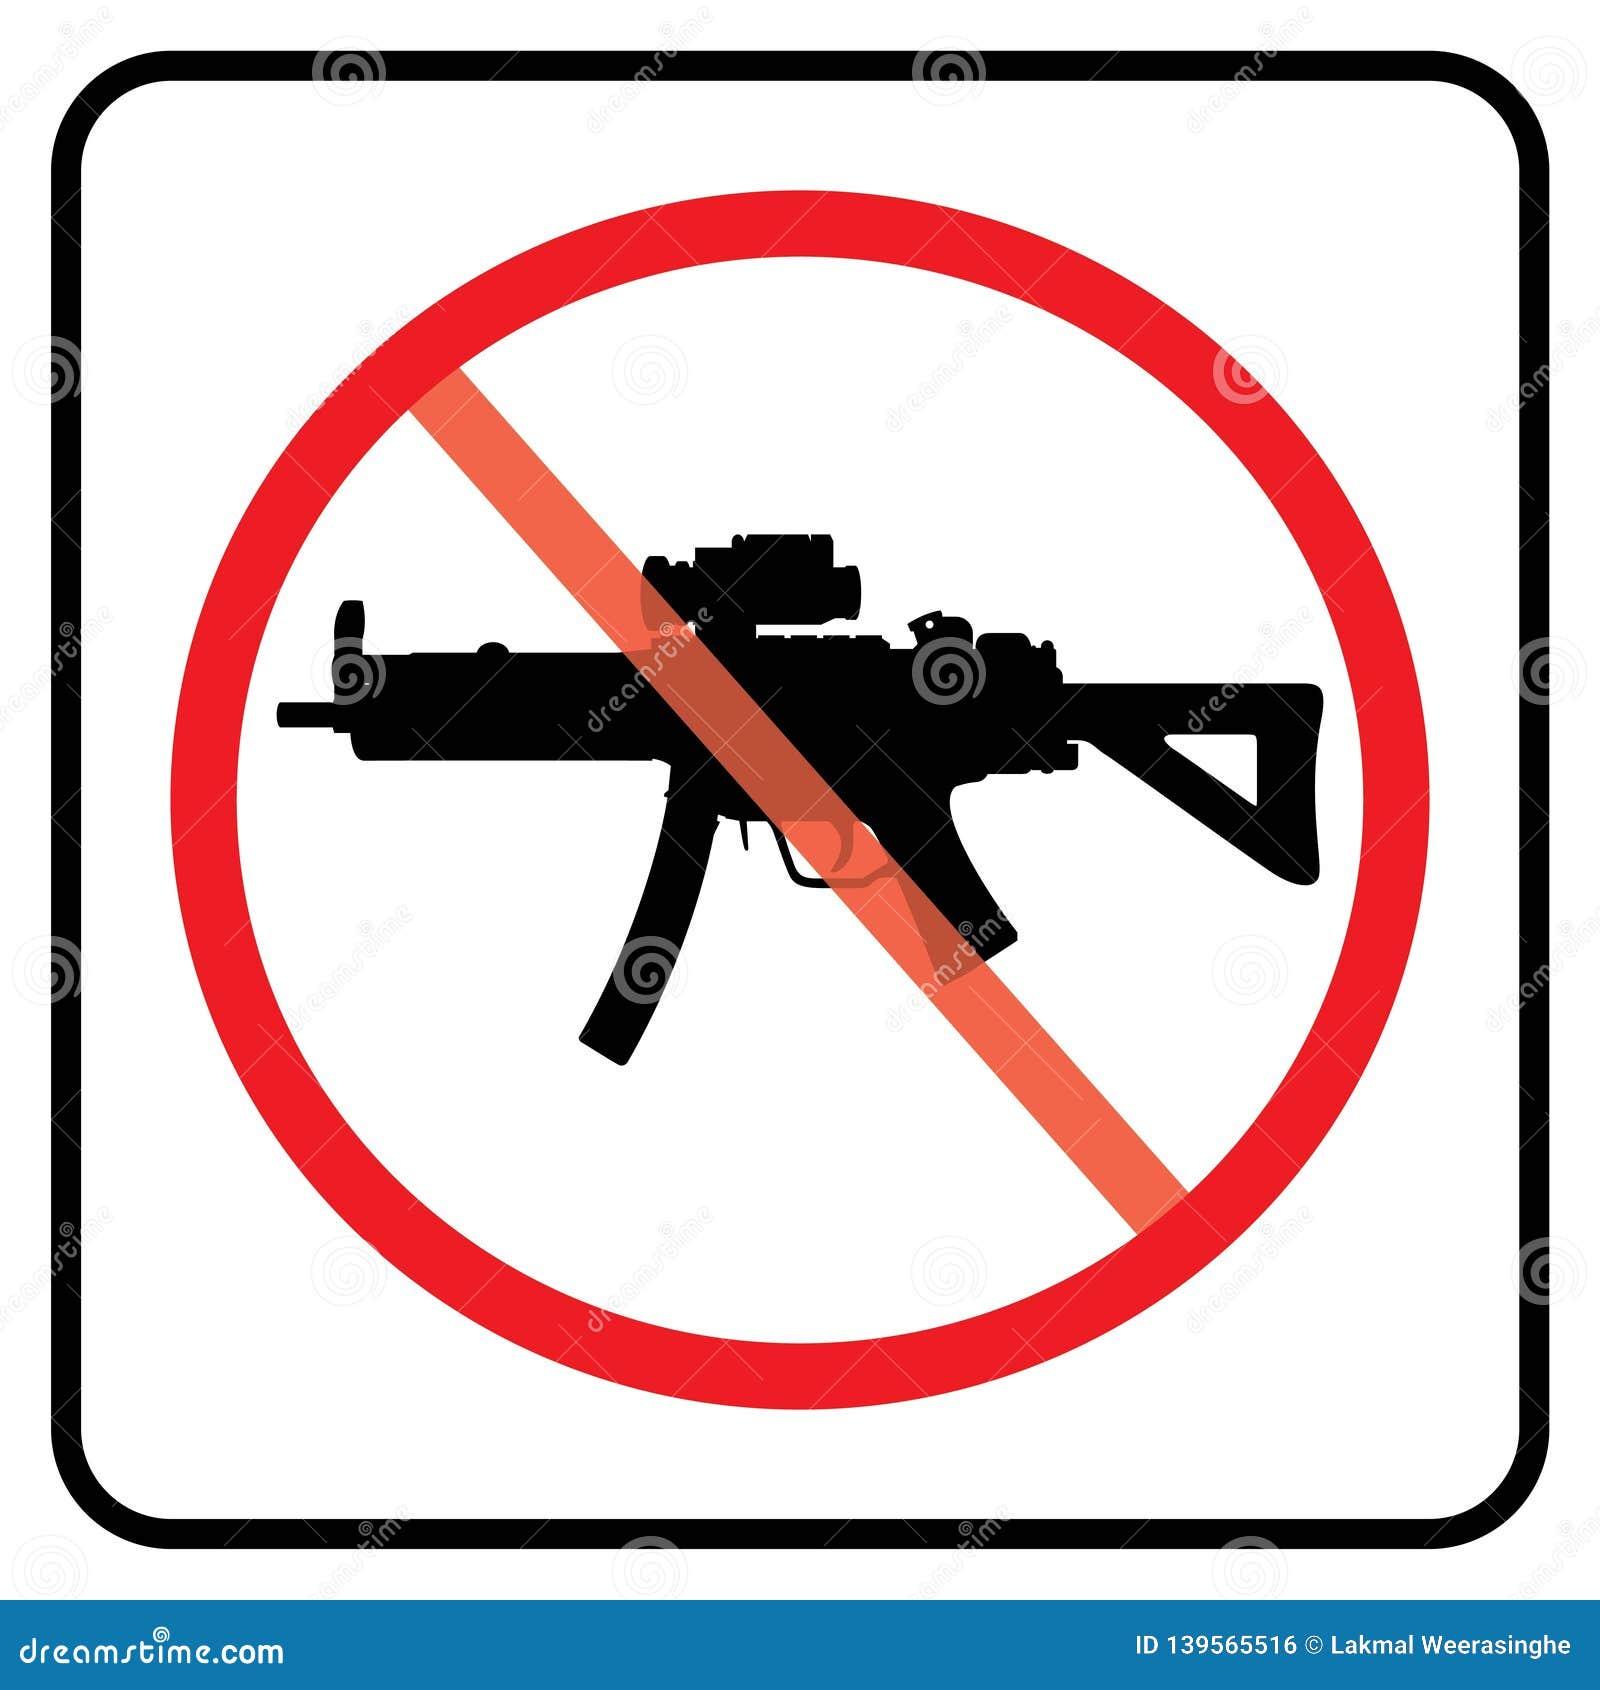 No prohibition temp